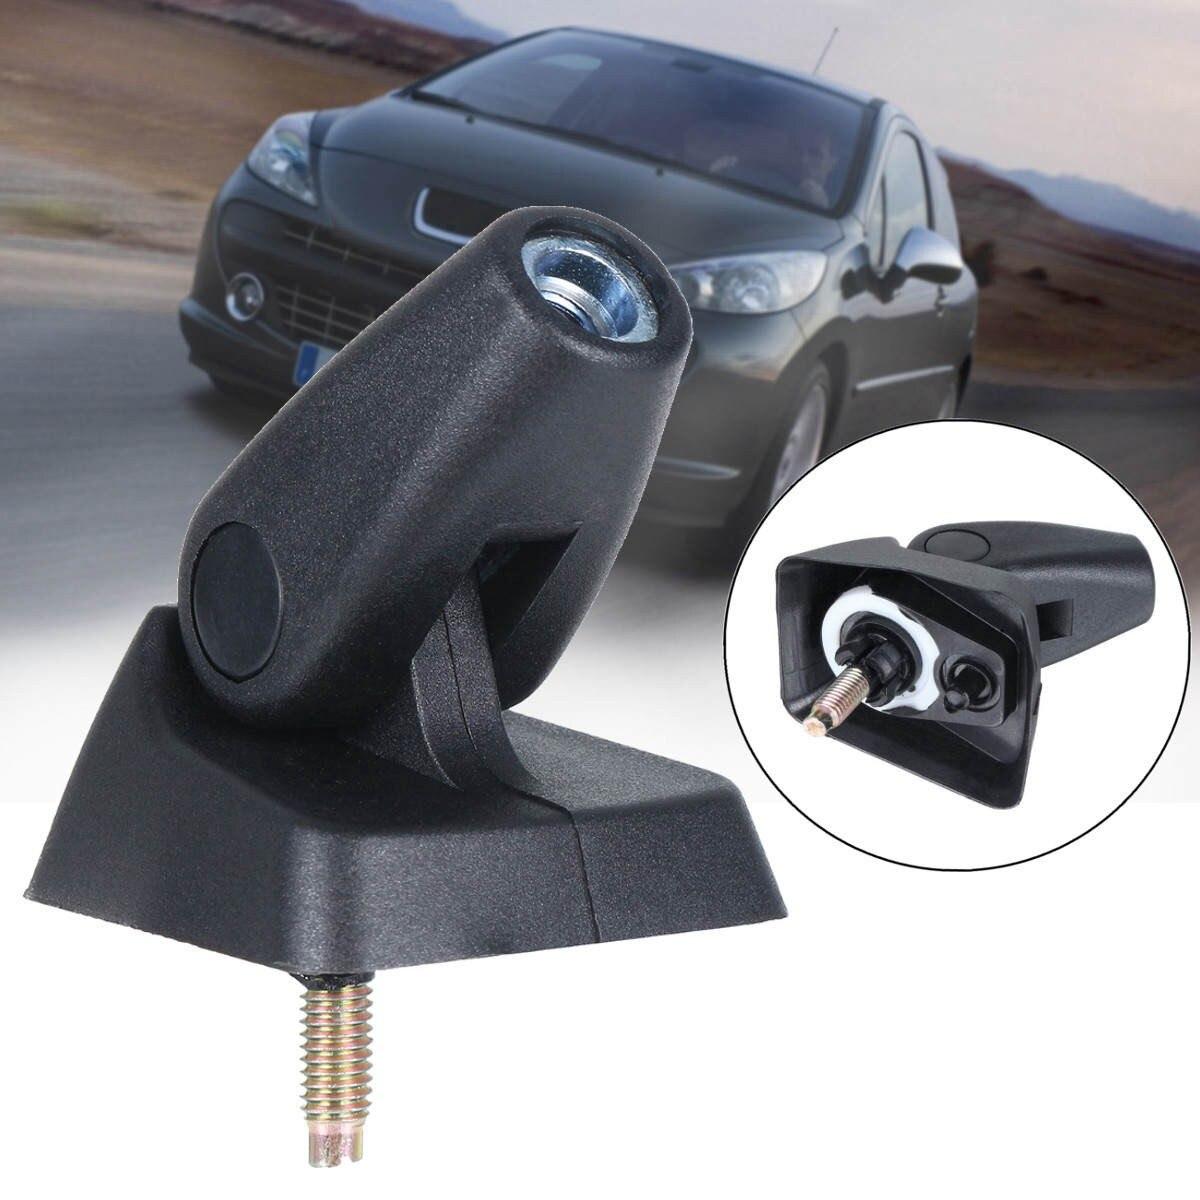 1 pcs abs black automotive car antenna pedestal mounts base for peugeot 206 207 citroen